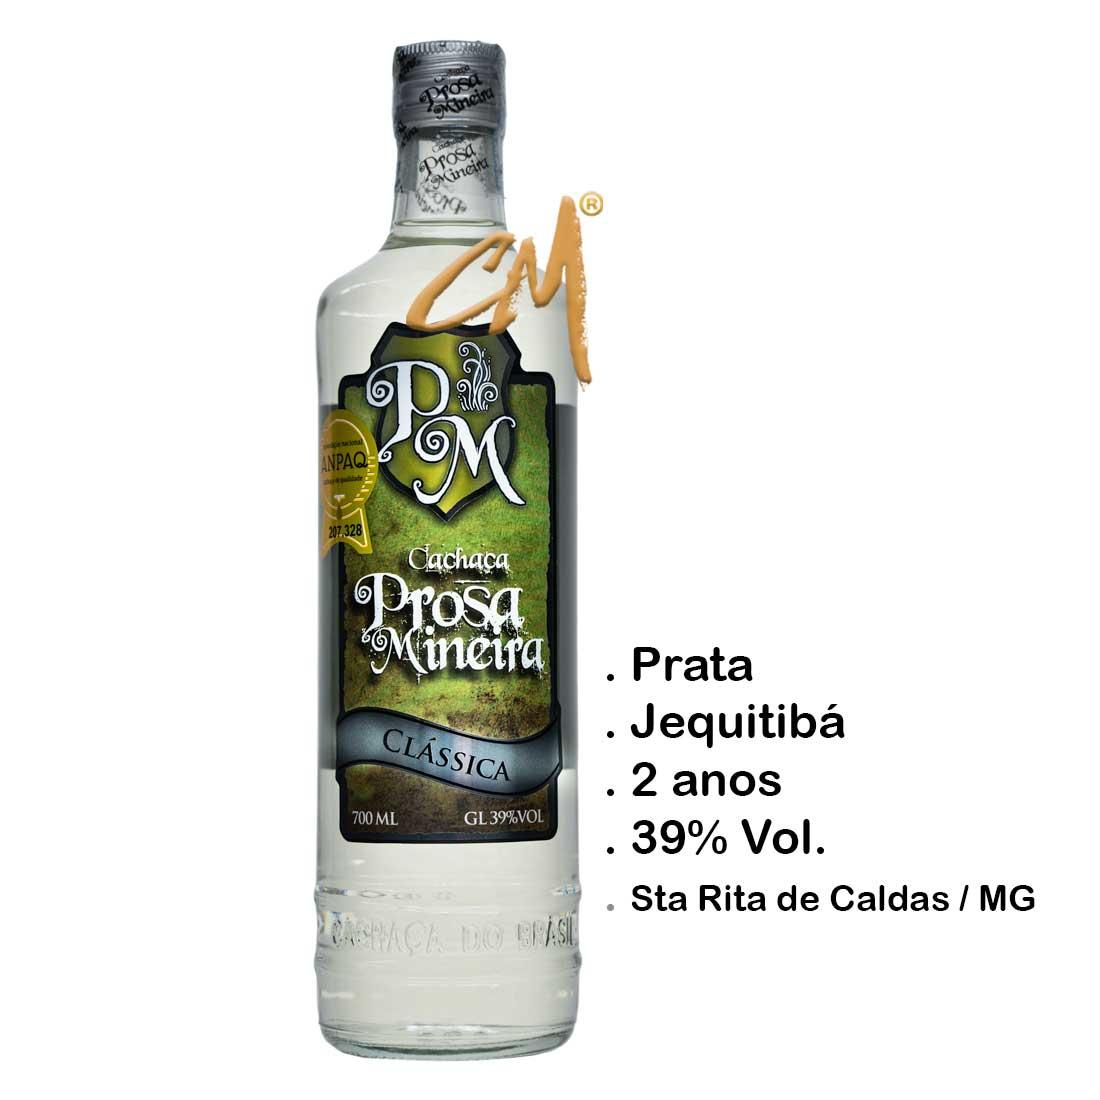 Cachaça Prosa Mineira Clássica 700 ml (Sta Rita de Caldas - MG)